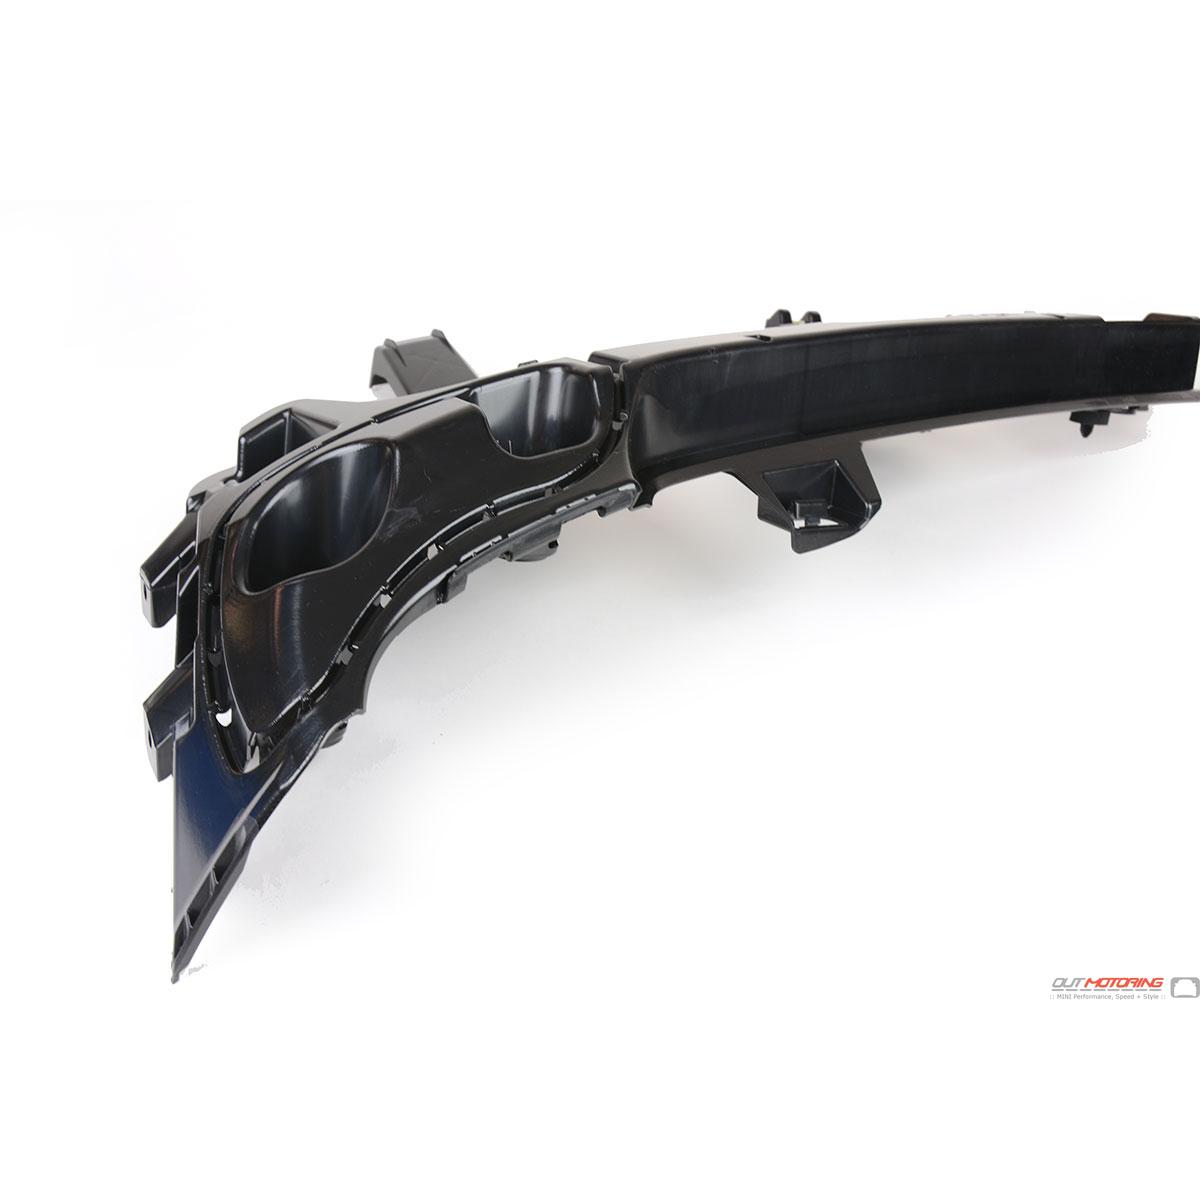 51777382173 MINI Cooper S F57 Convertible JCW Rear Bumper